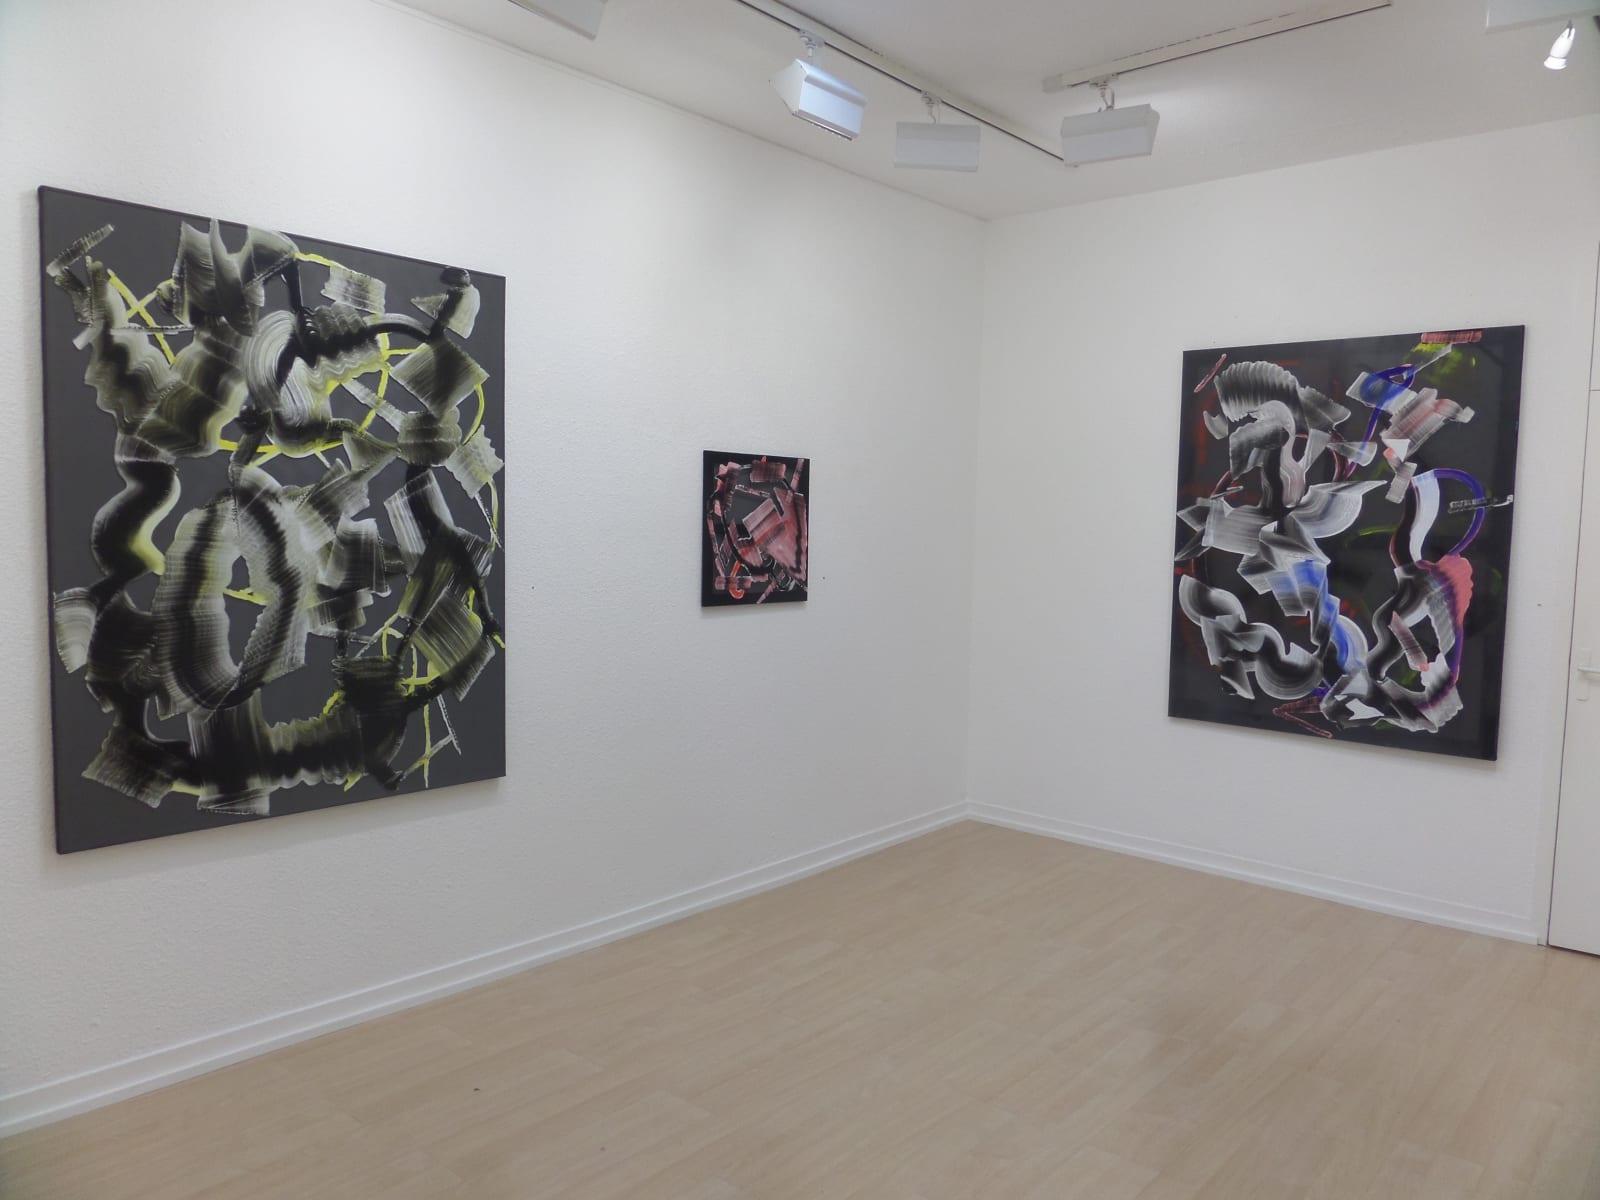 Christian Bonnefoi / Peintures et collage, exposition personnelle / Oniris 2015